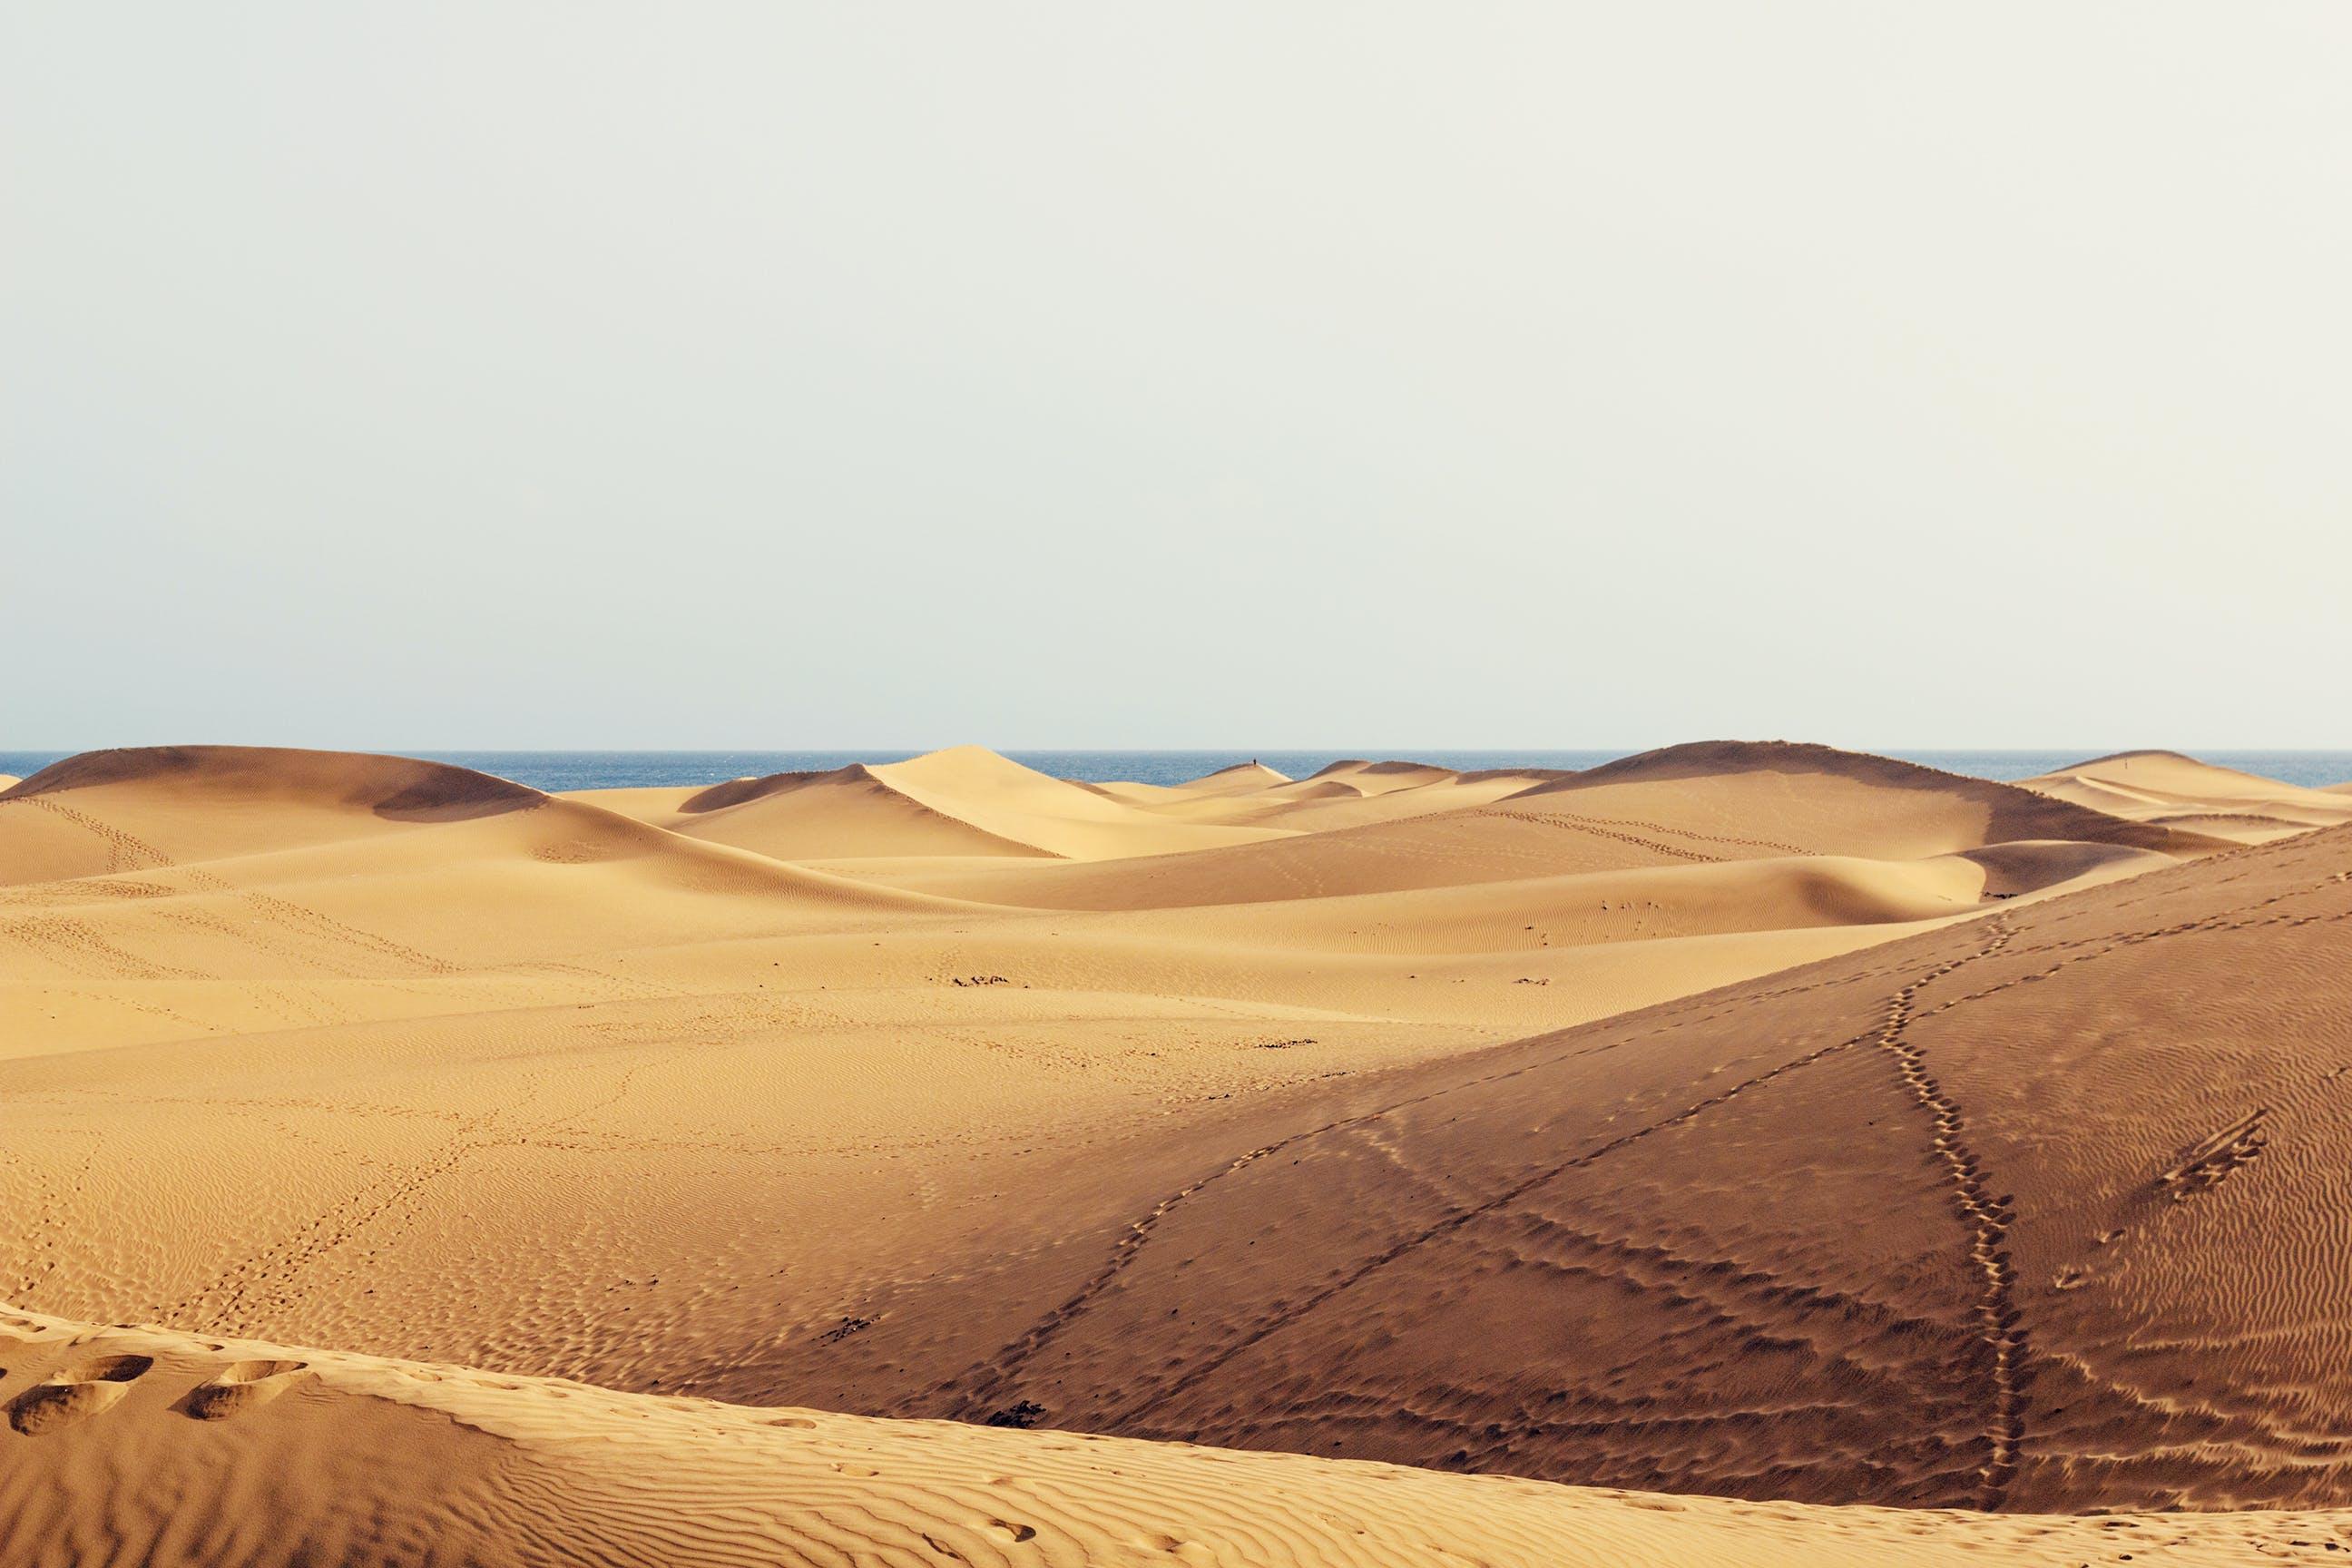 adventure, arid, barren